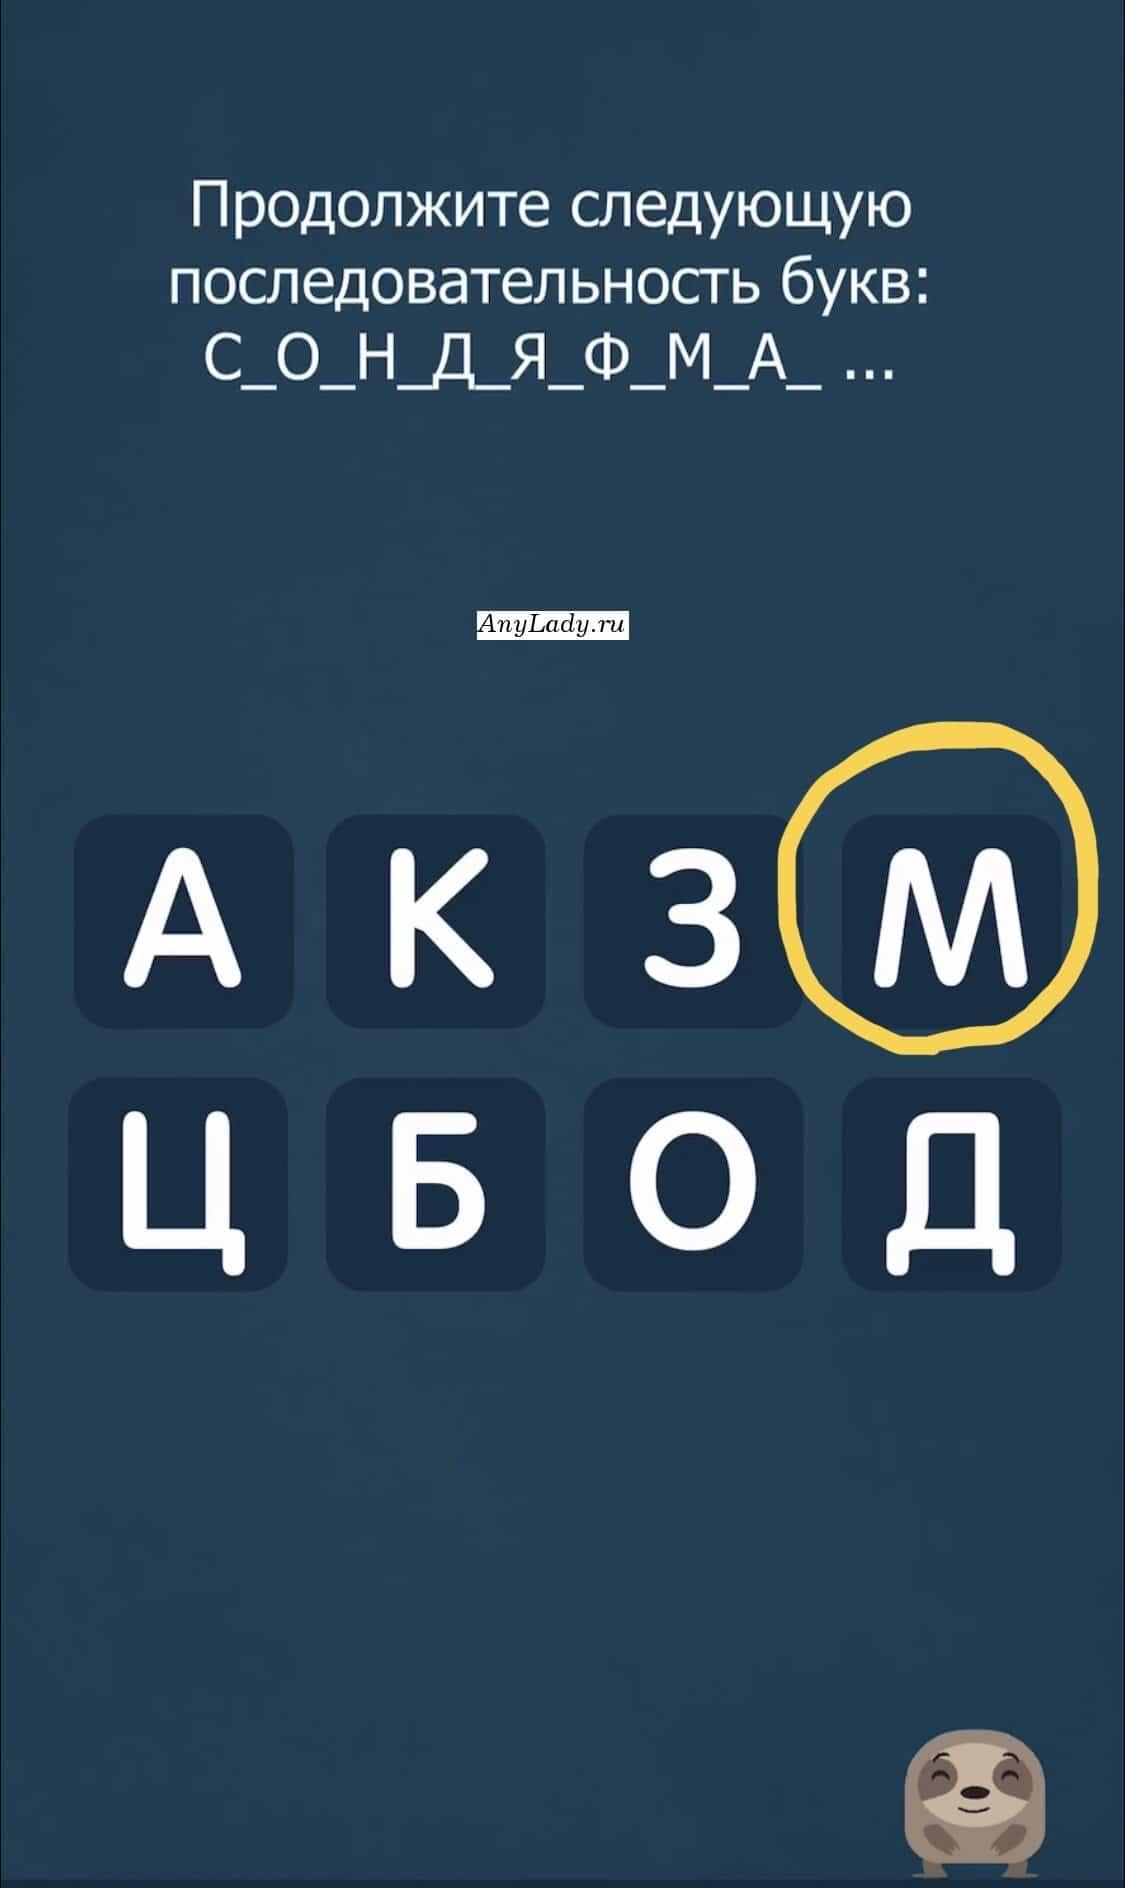 """За многоточием скрывается буква """"М""""."""